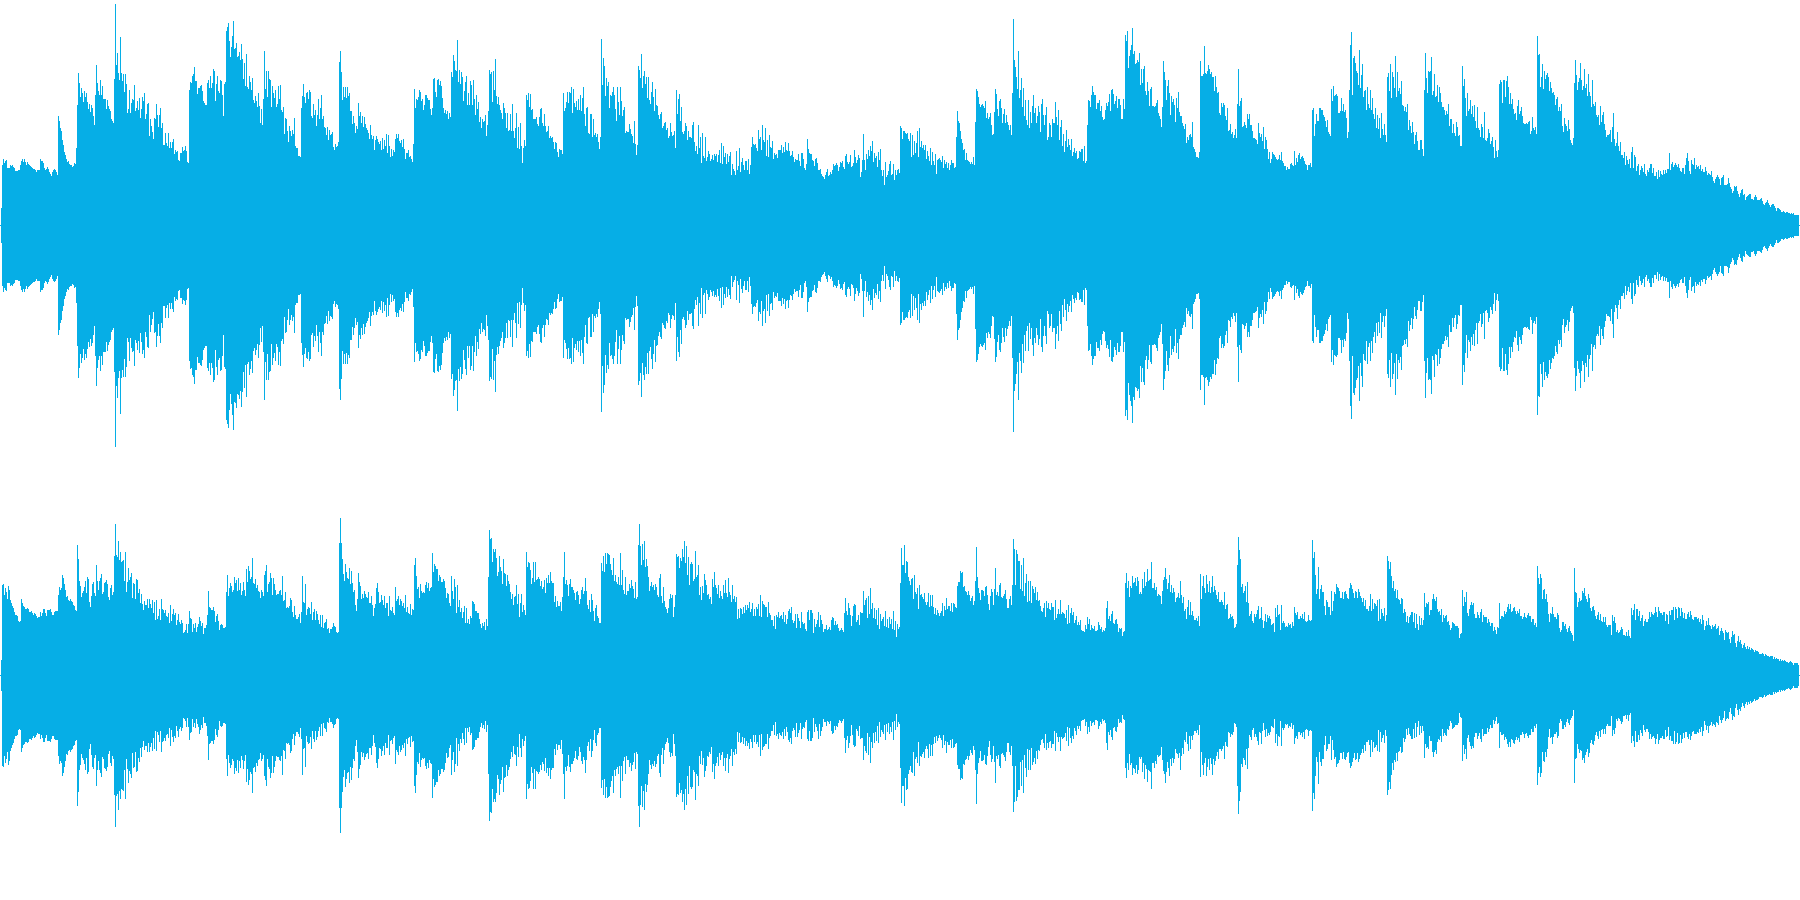 オルゴールの曲で、着信音やオルゴールの…の再生済みの波形